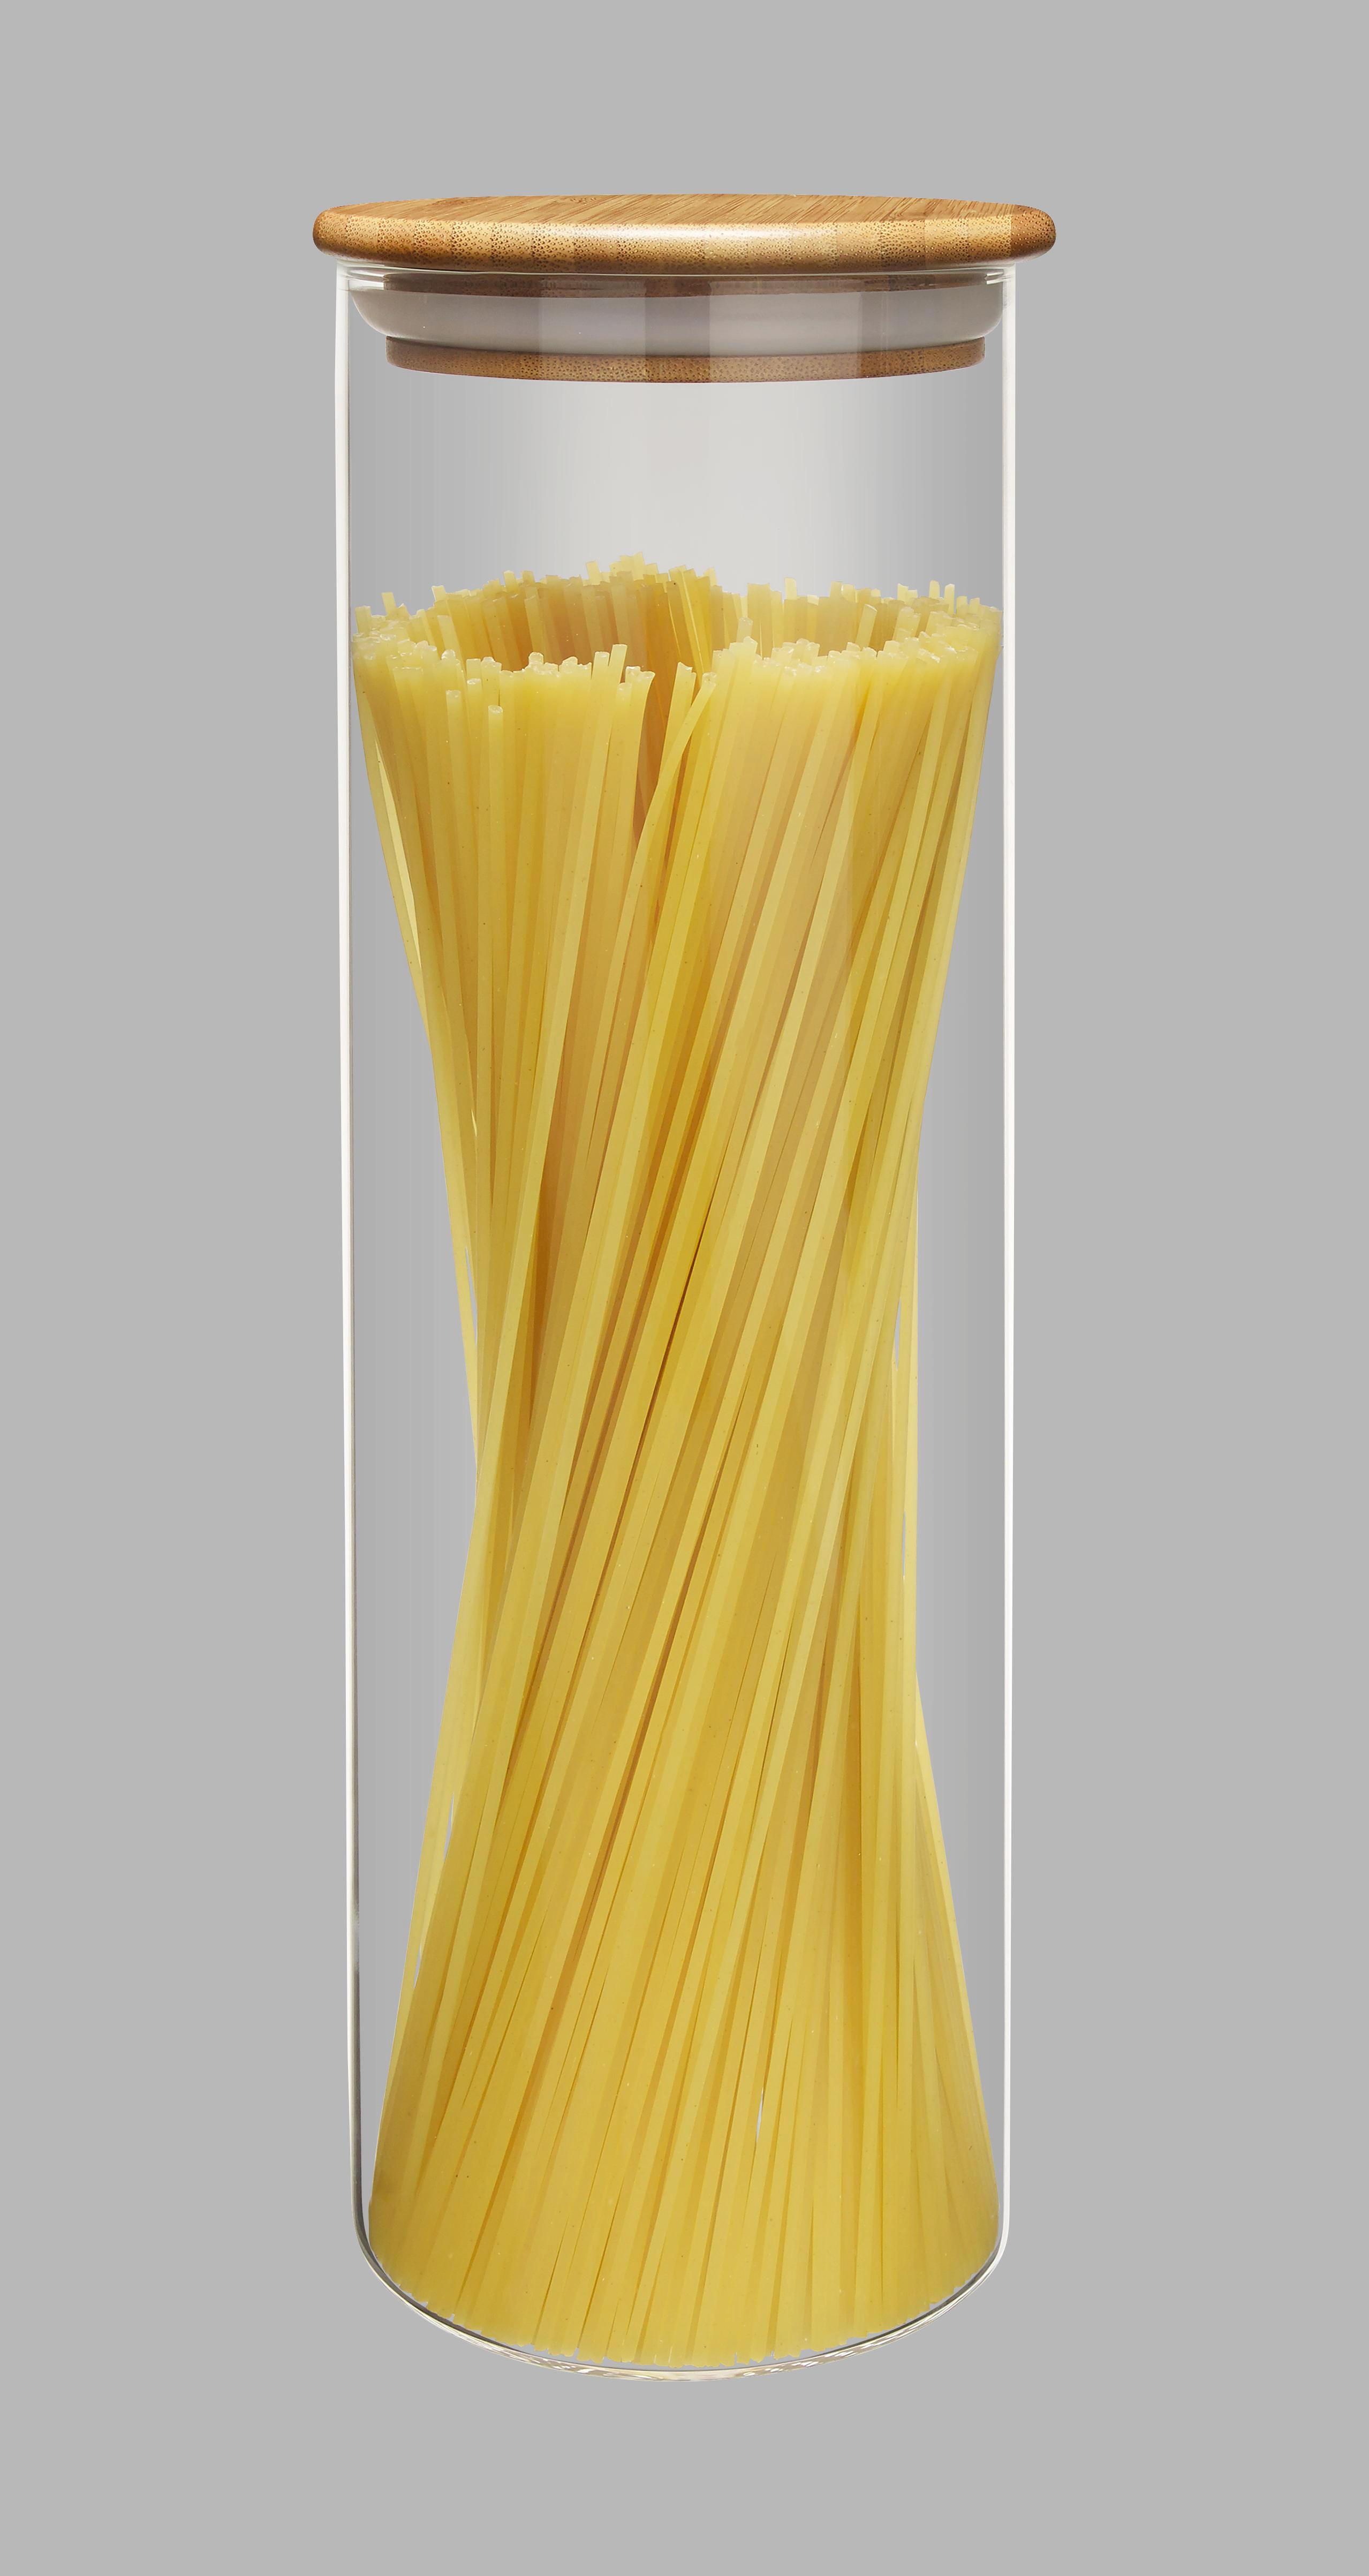 SKLENĚNÁ DÓZA NA POTRAVINY - čiré/přírodní barvy, Basics, dřevo/umělá hmota (10/31cm) - HOMEWARE